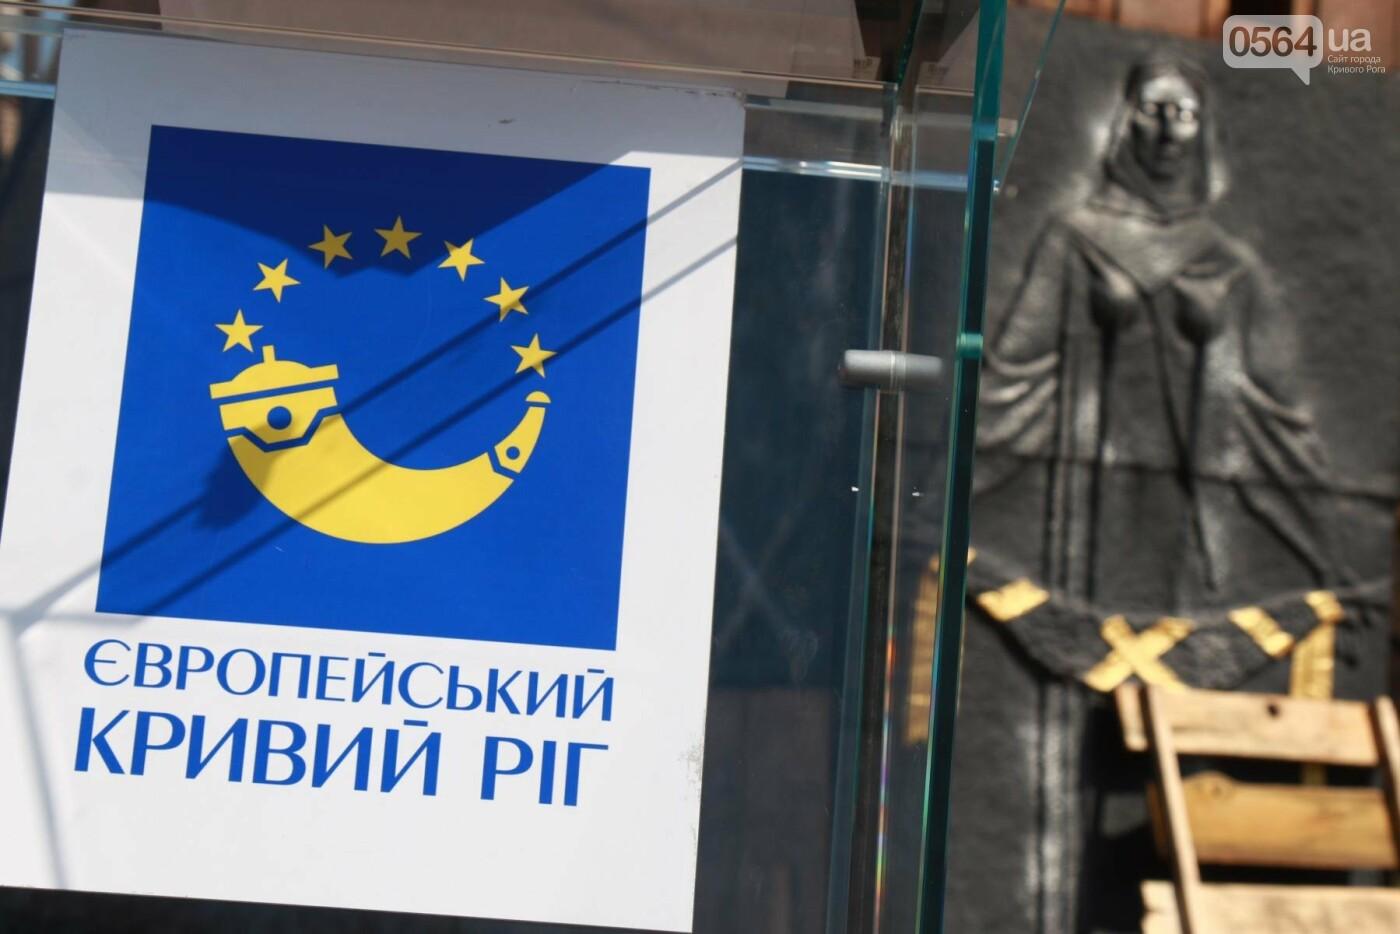 Константин Усов дал старт реконструкции мемориала Славы на братской могиле в Кривом Роге, фото-4